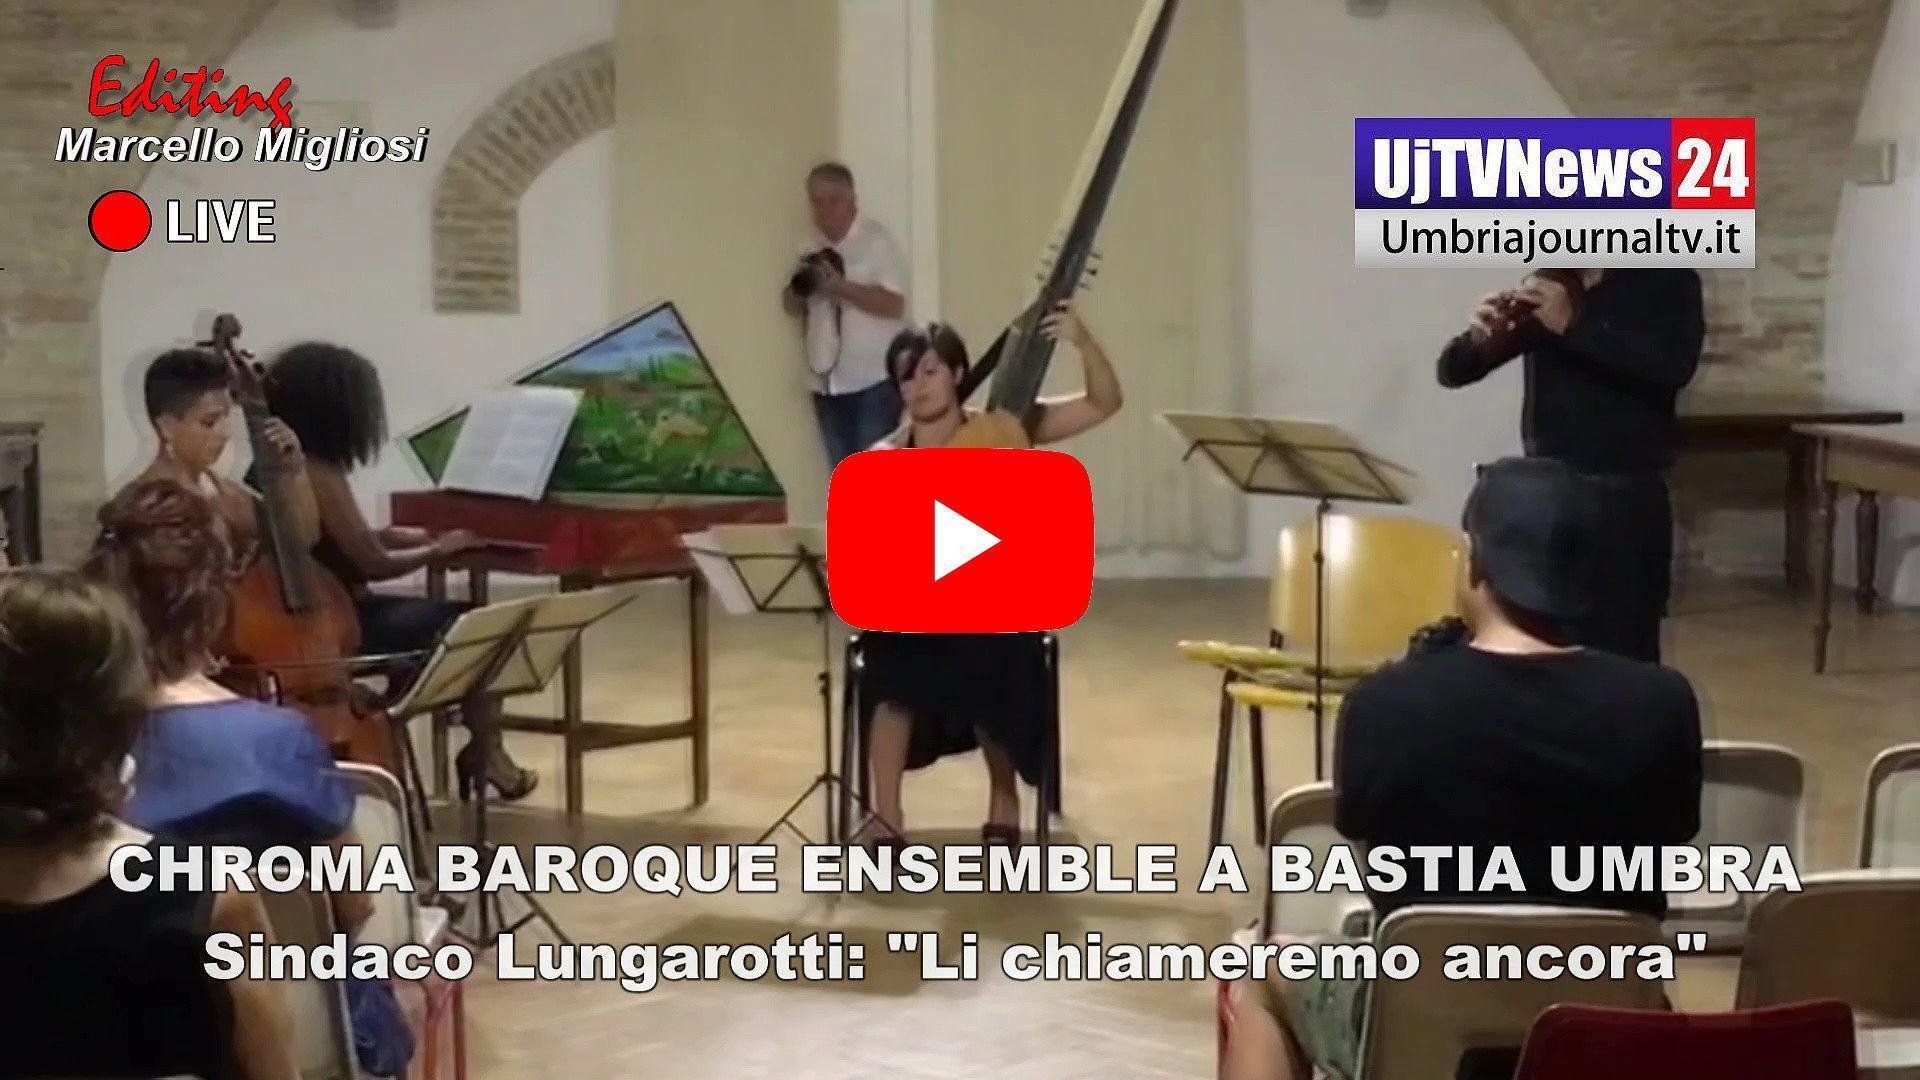 Successo dei Chroma Baroque Ensemble, Lungarotti, li inviteremo ancora